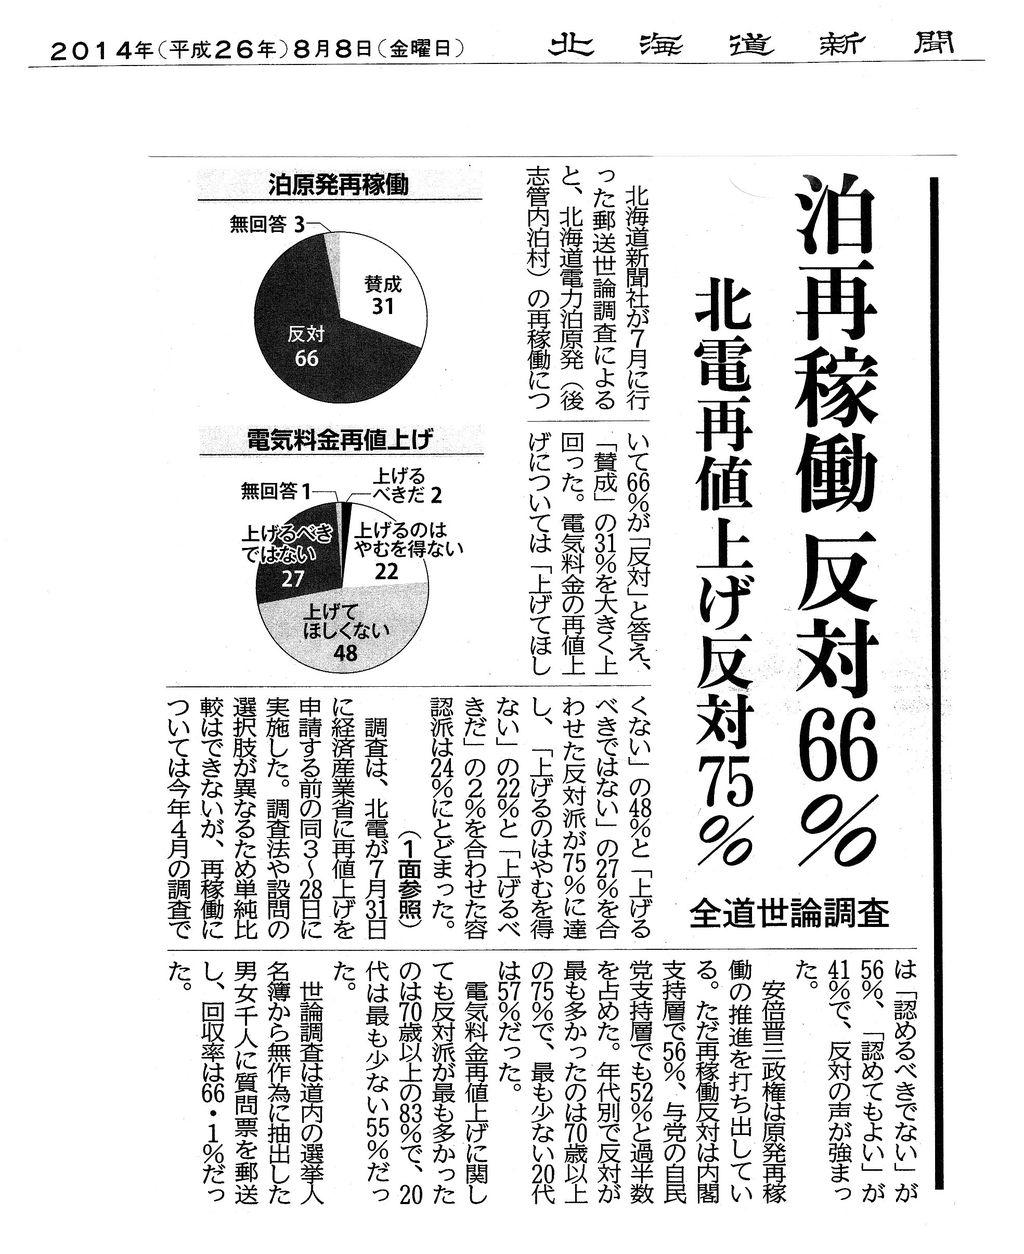 【広瀬隆】北海道新聞の報道です : 日々雑感